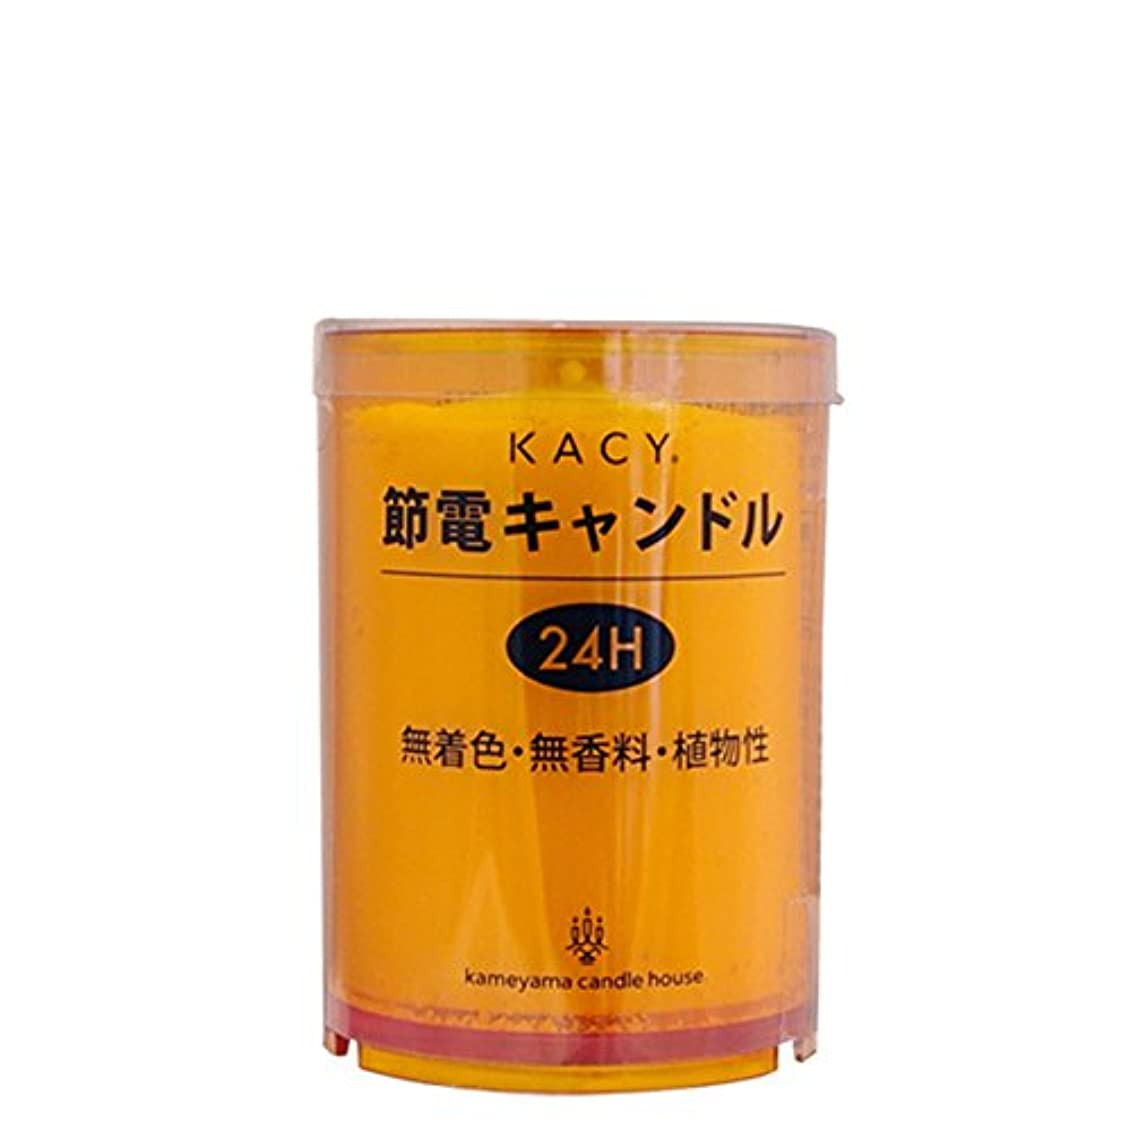 無駄に予想する慣性カメヤマキャンドルハウス 節電キャンドル 24時間タイプ  オレンジ